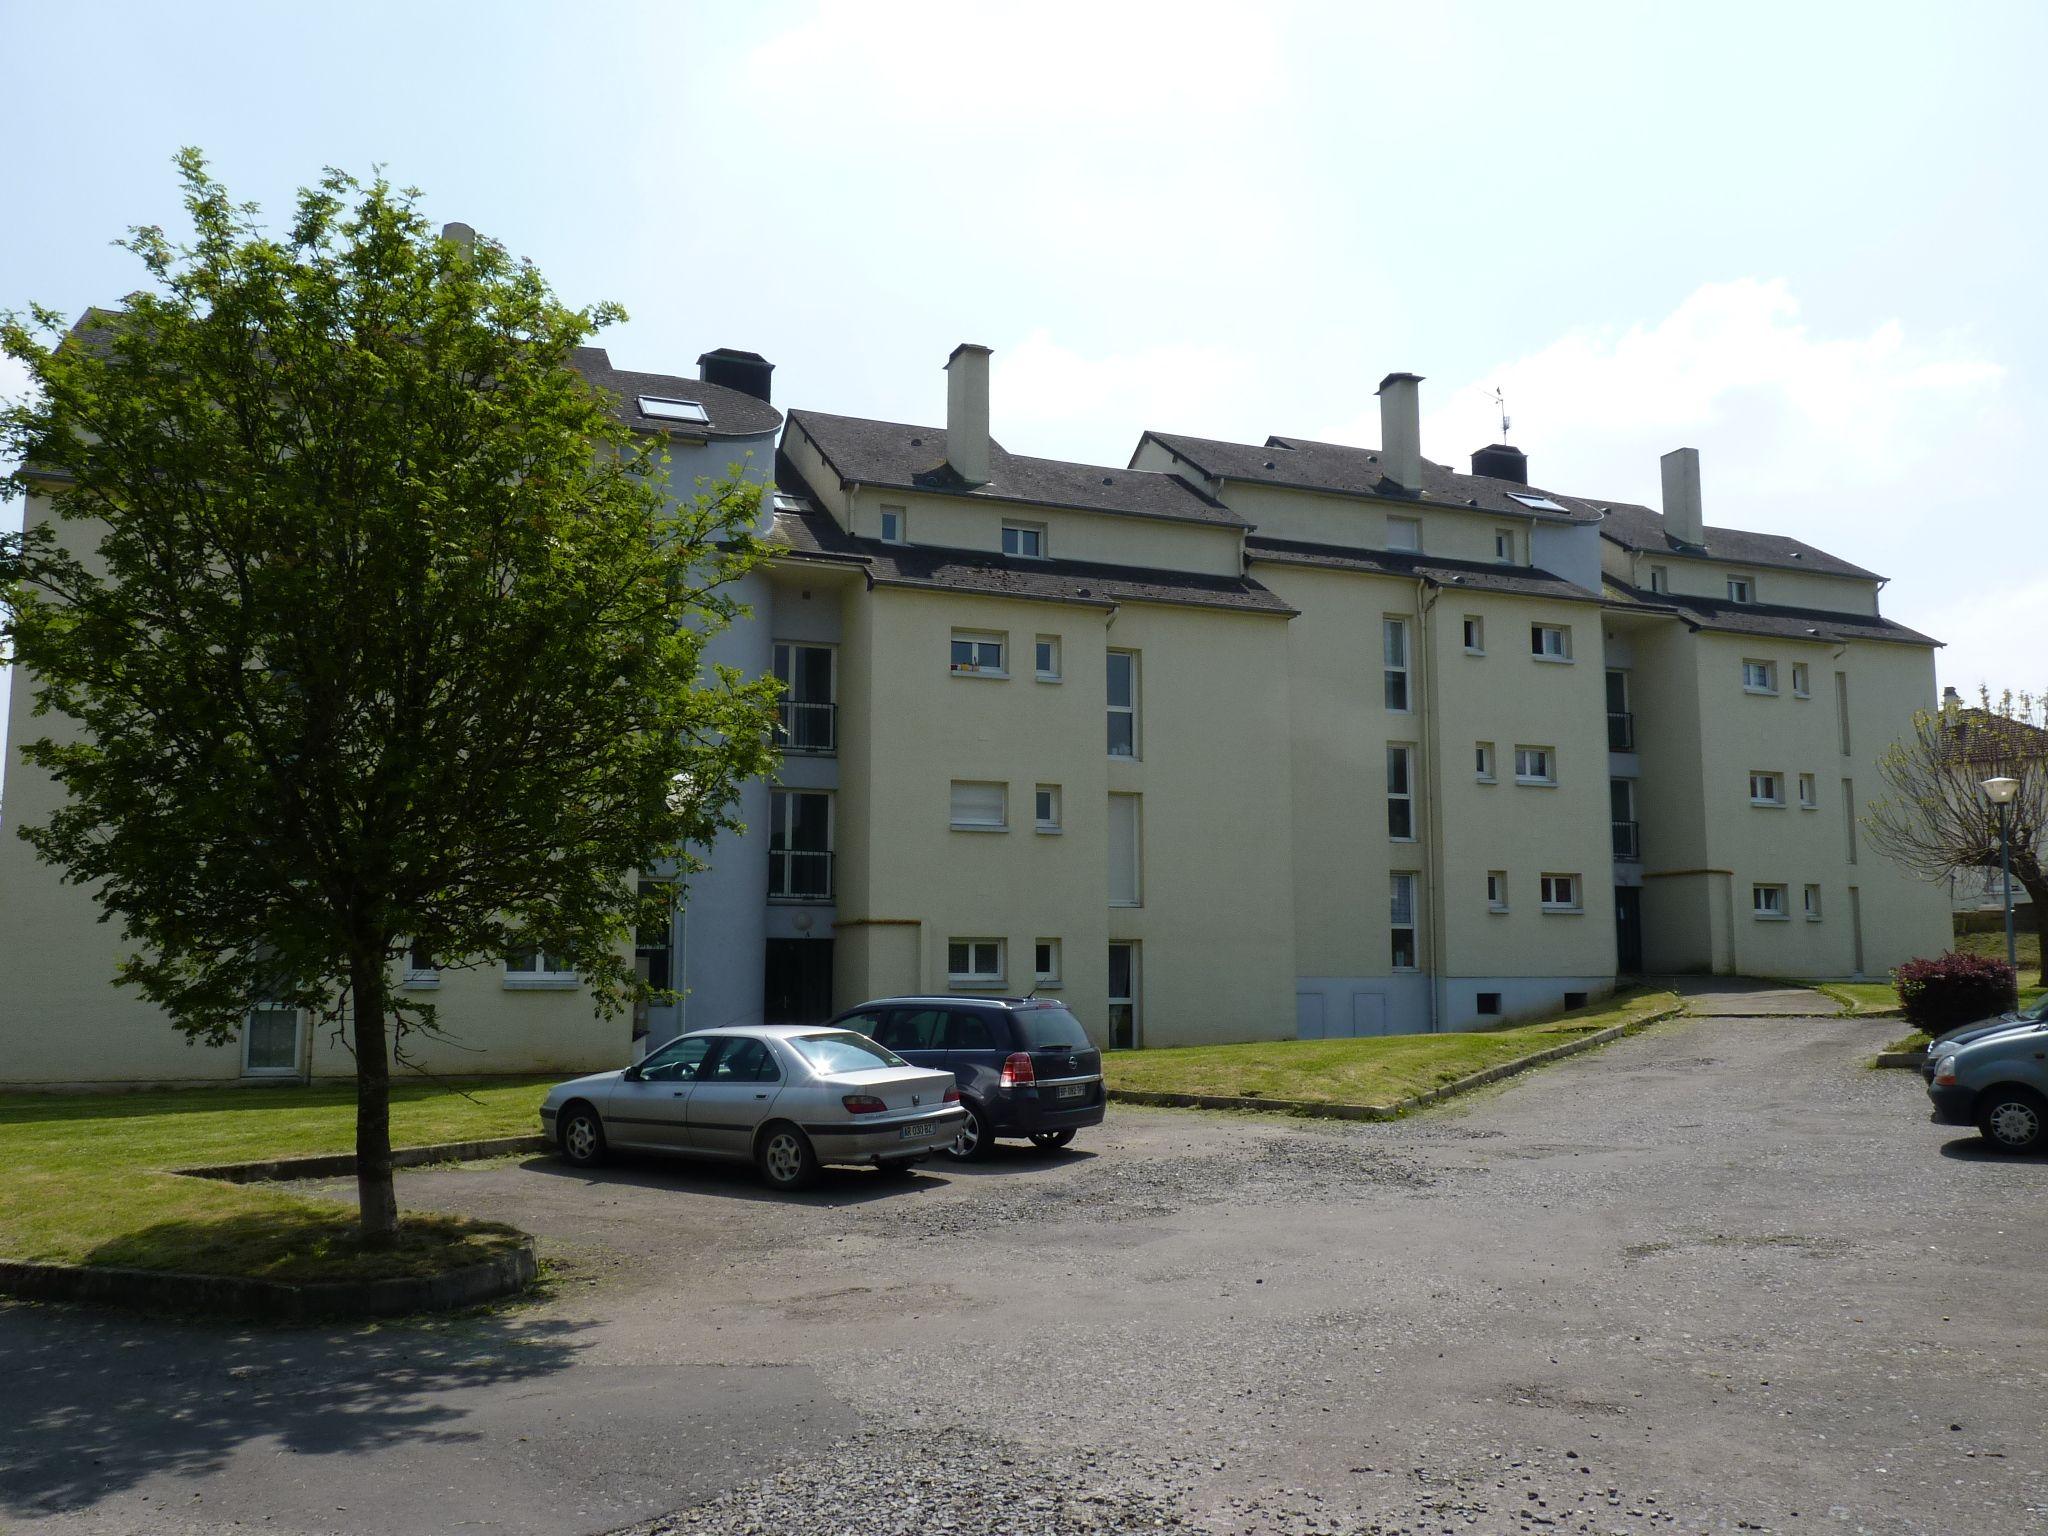 Logement tinchebray locataion appartement t1 for Entretien exterieur locataire